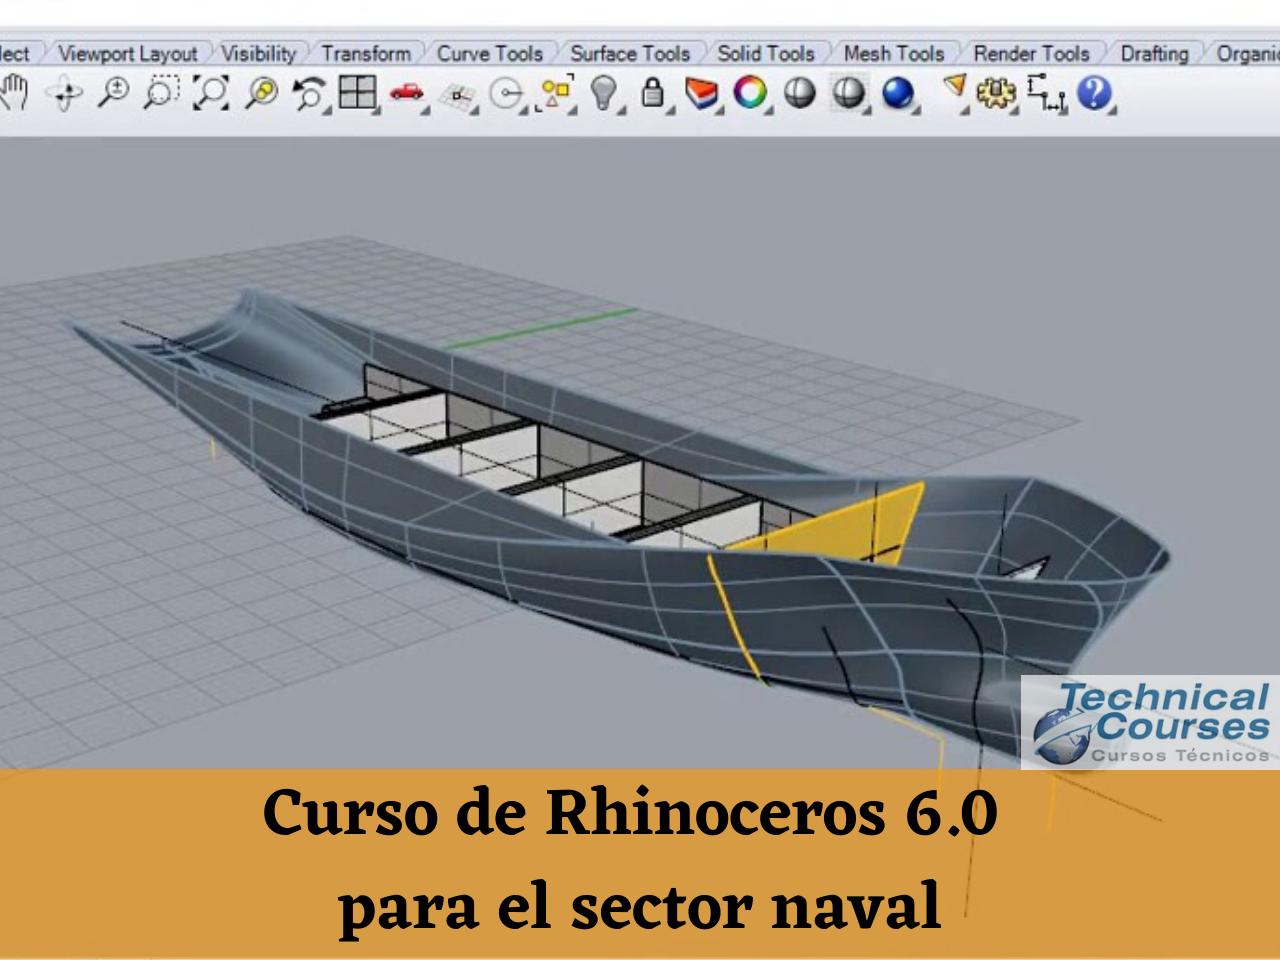 Curso de modelado Rhinoceros 6.0 para el sector naval